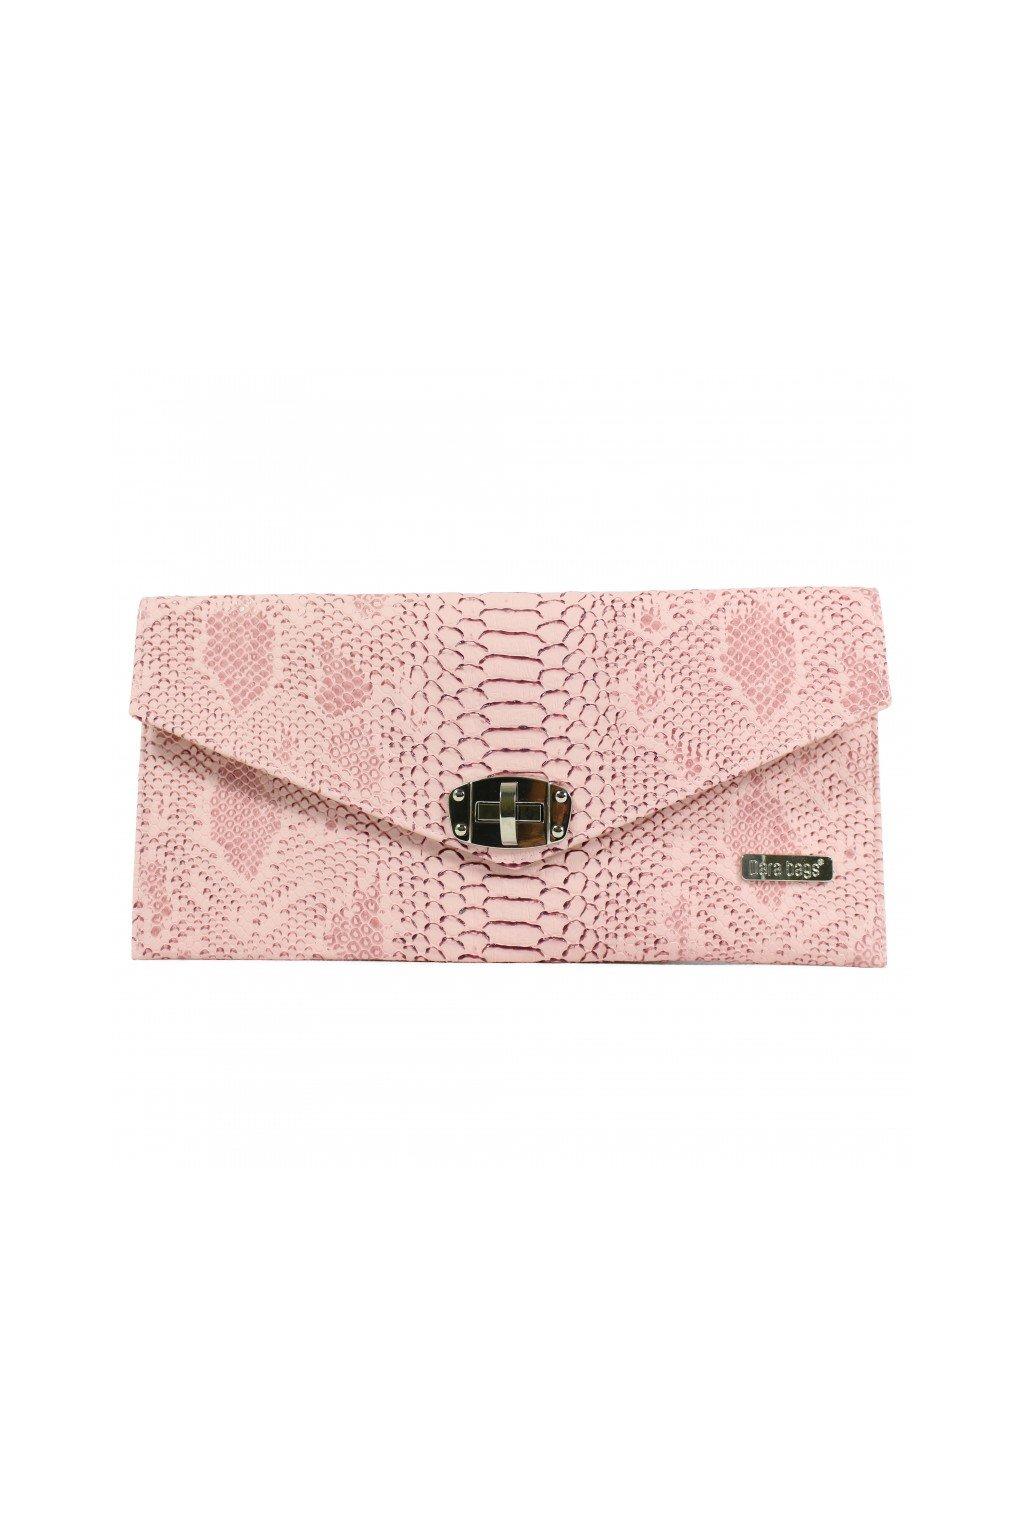 Malá kabelka Malibu Classy růžová 1